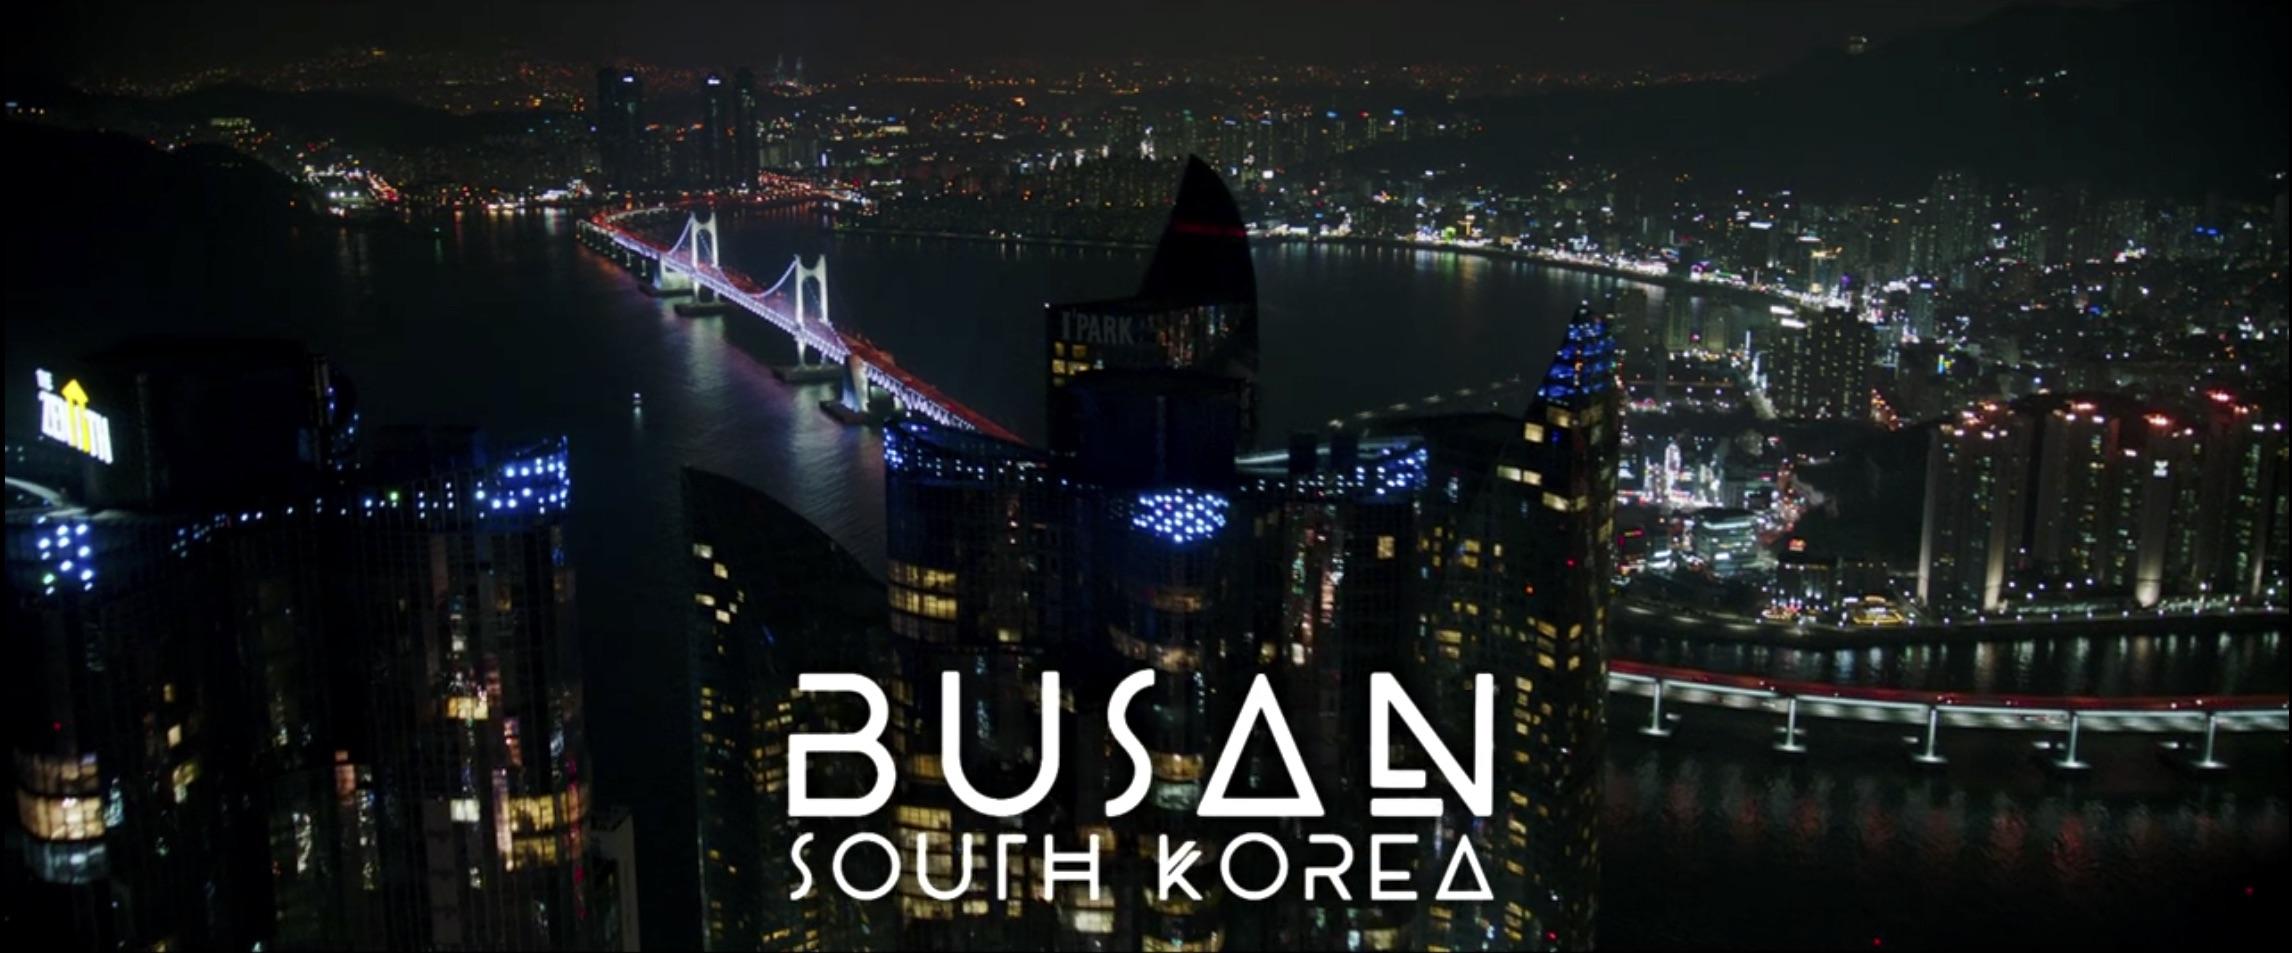 Marvel Black Panther south korea